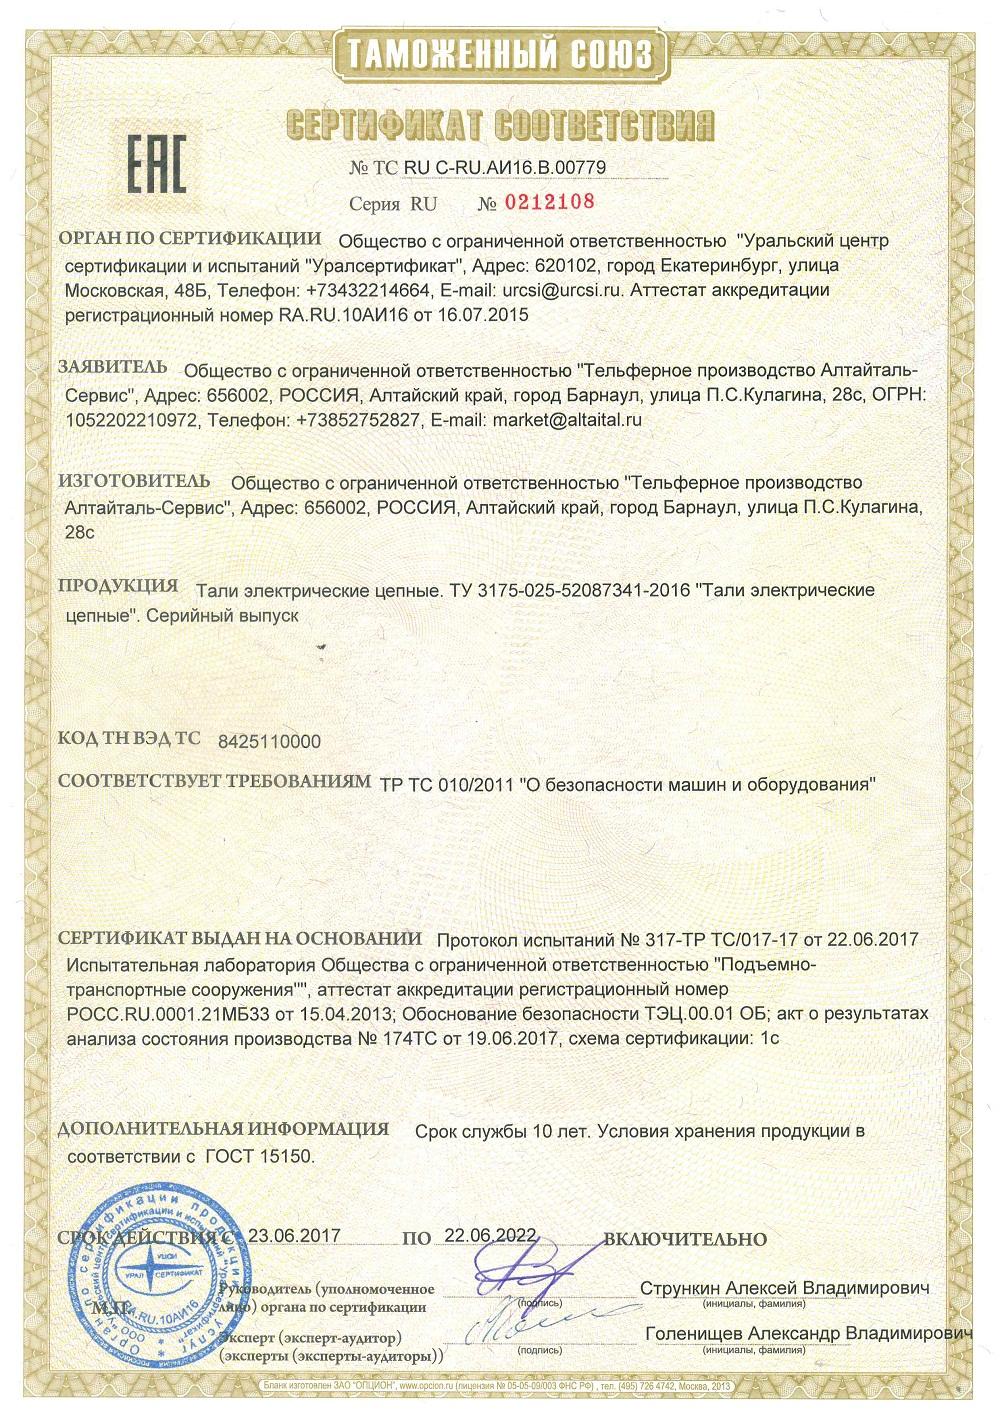 Сертификат-тали-электрические-цепные